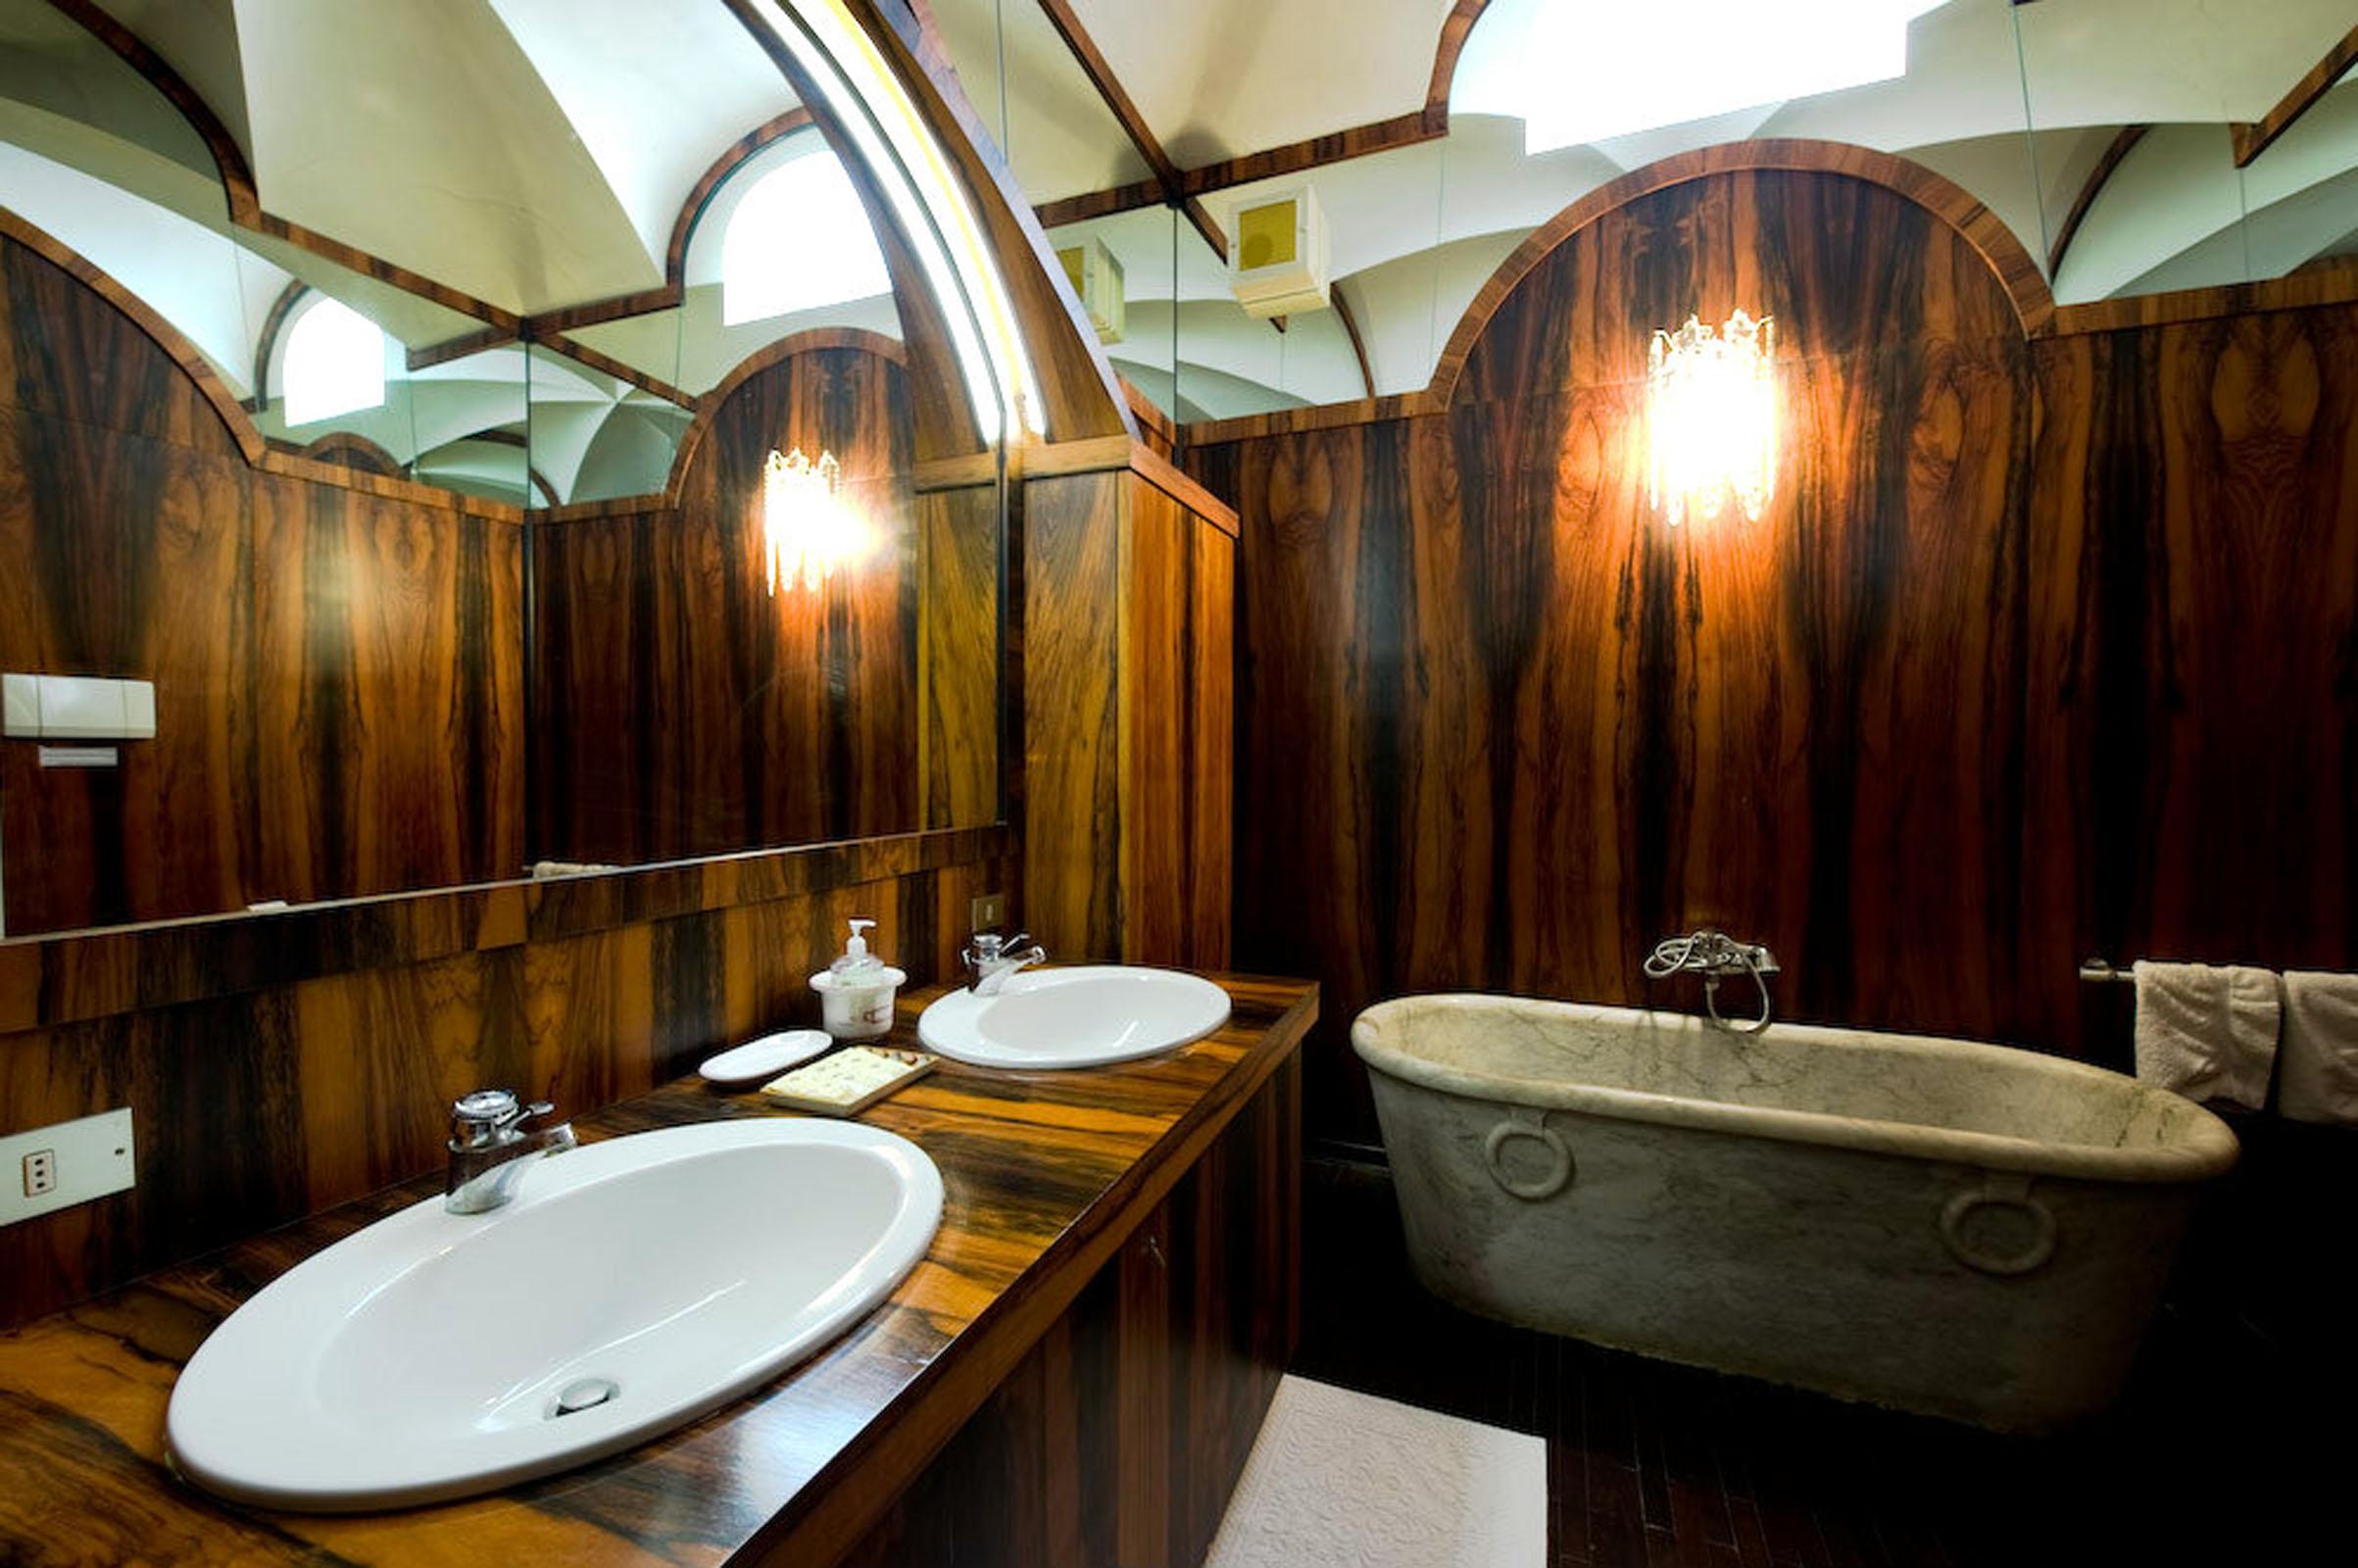 casa-masoli-teodora-giustiniano-suite-2-booking.jpg